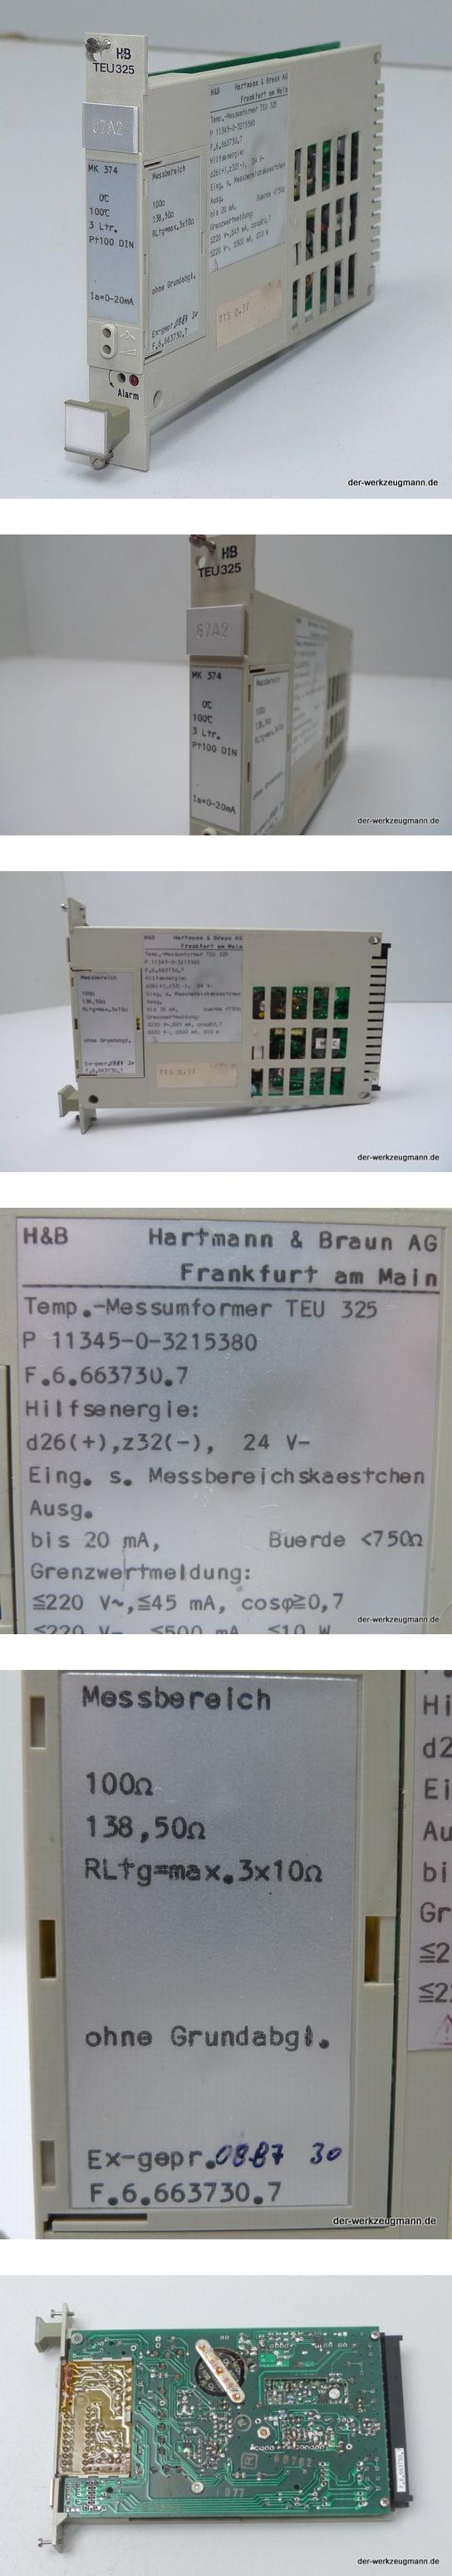 Hartmann & Braun TEU-325 MK 374 Messumformer PT 100 11345